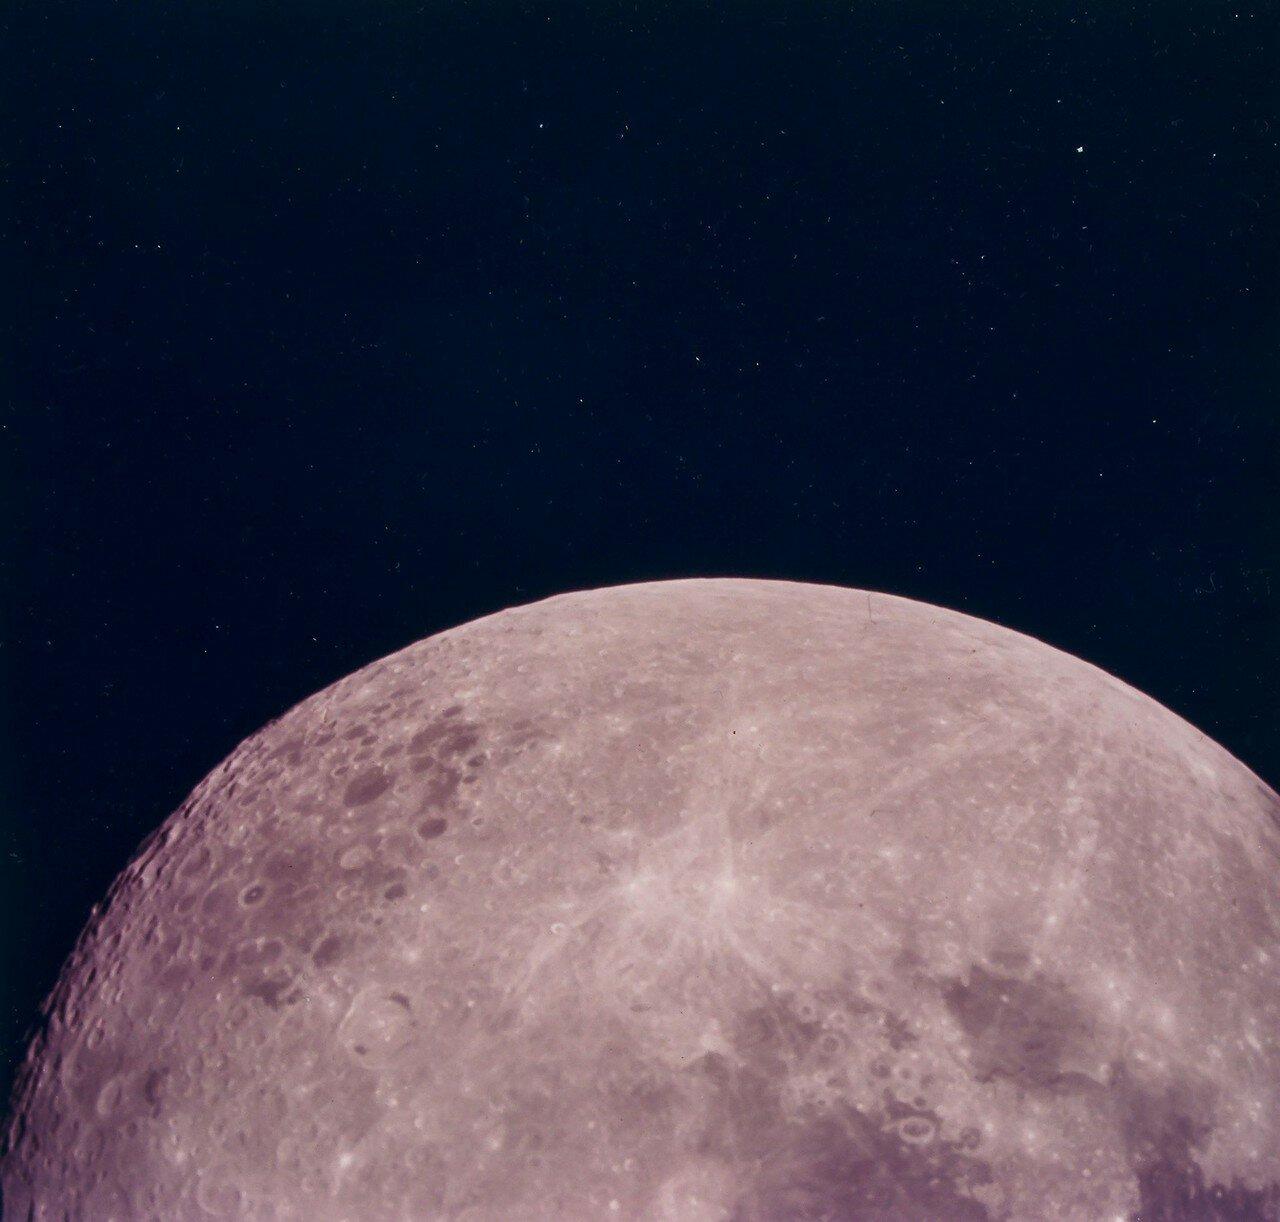 На сто пятидесятом часу полёта, во время тридцать пятого витка командного модуля вокруг Луны, был включён основной двигатель, который перевёл корабль на траекторию полёта к Земле. На снимке: Вид Луны во время обратного полета к Земле